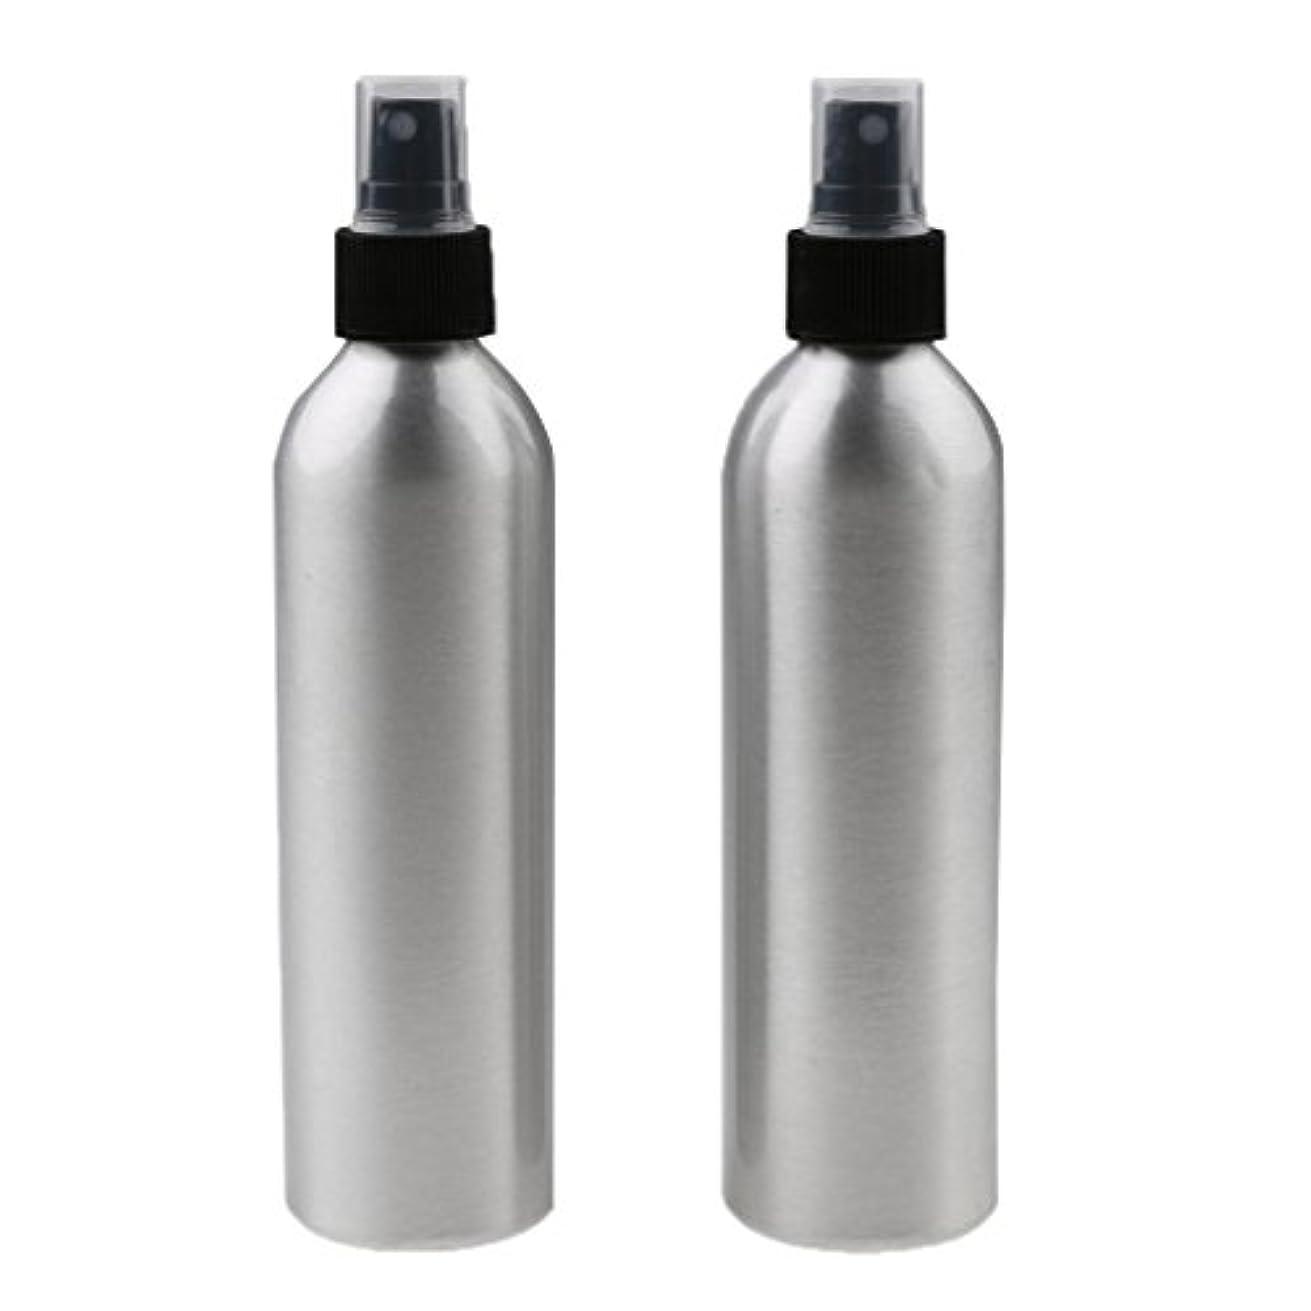 可塑性人気モナリザSONONIA 2個入り 旅行 アルミ ミスト スプレー 香水ボトル メイクアップ スプレー アトマイザー 小分けボトル  漏れ防止 出張 海外旅行用 全4サイズ - 100ml